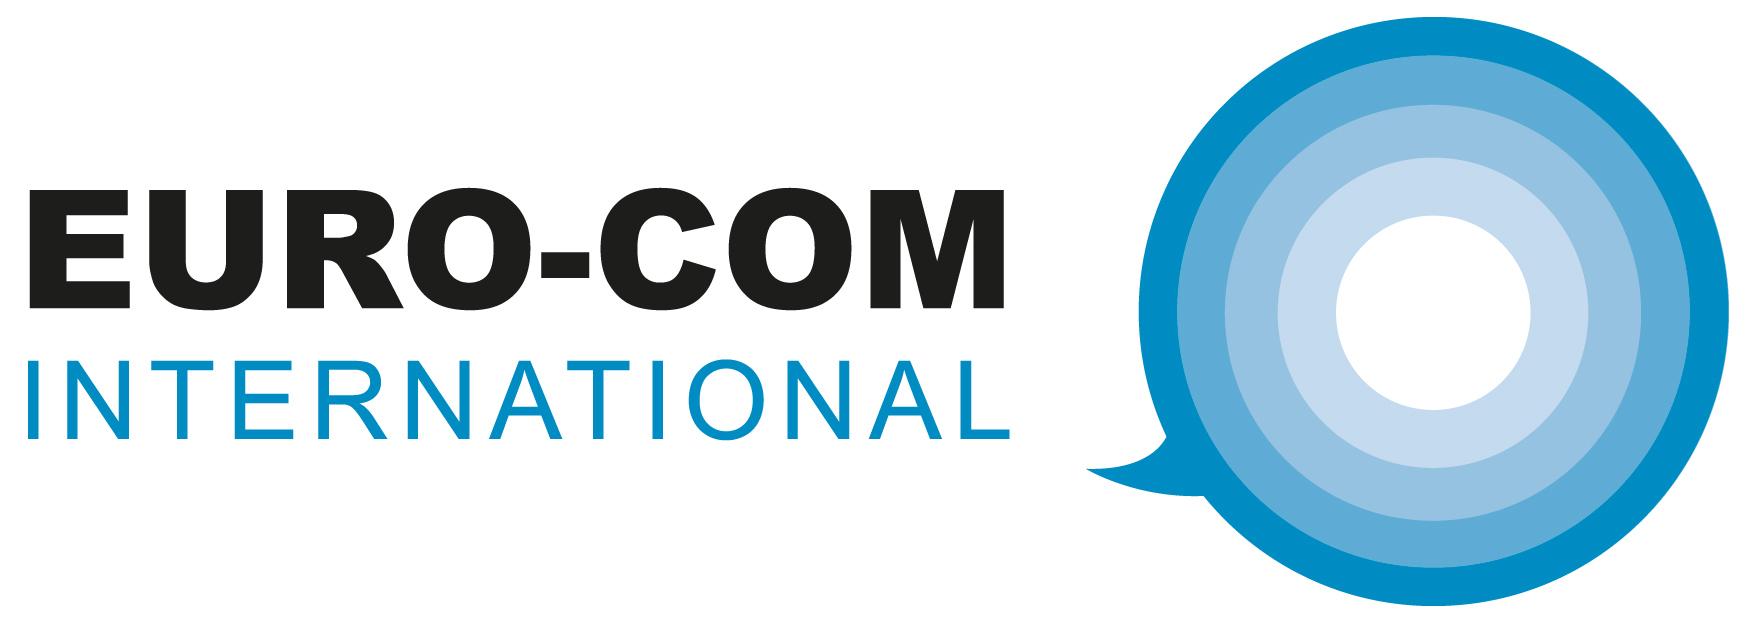 Euro-Com International Logo